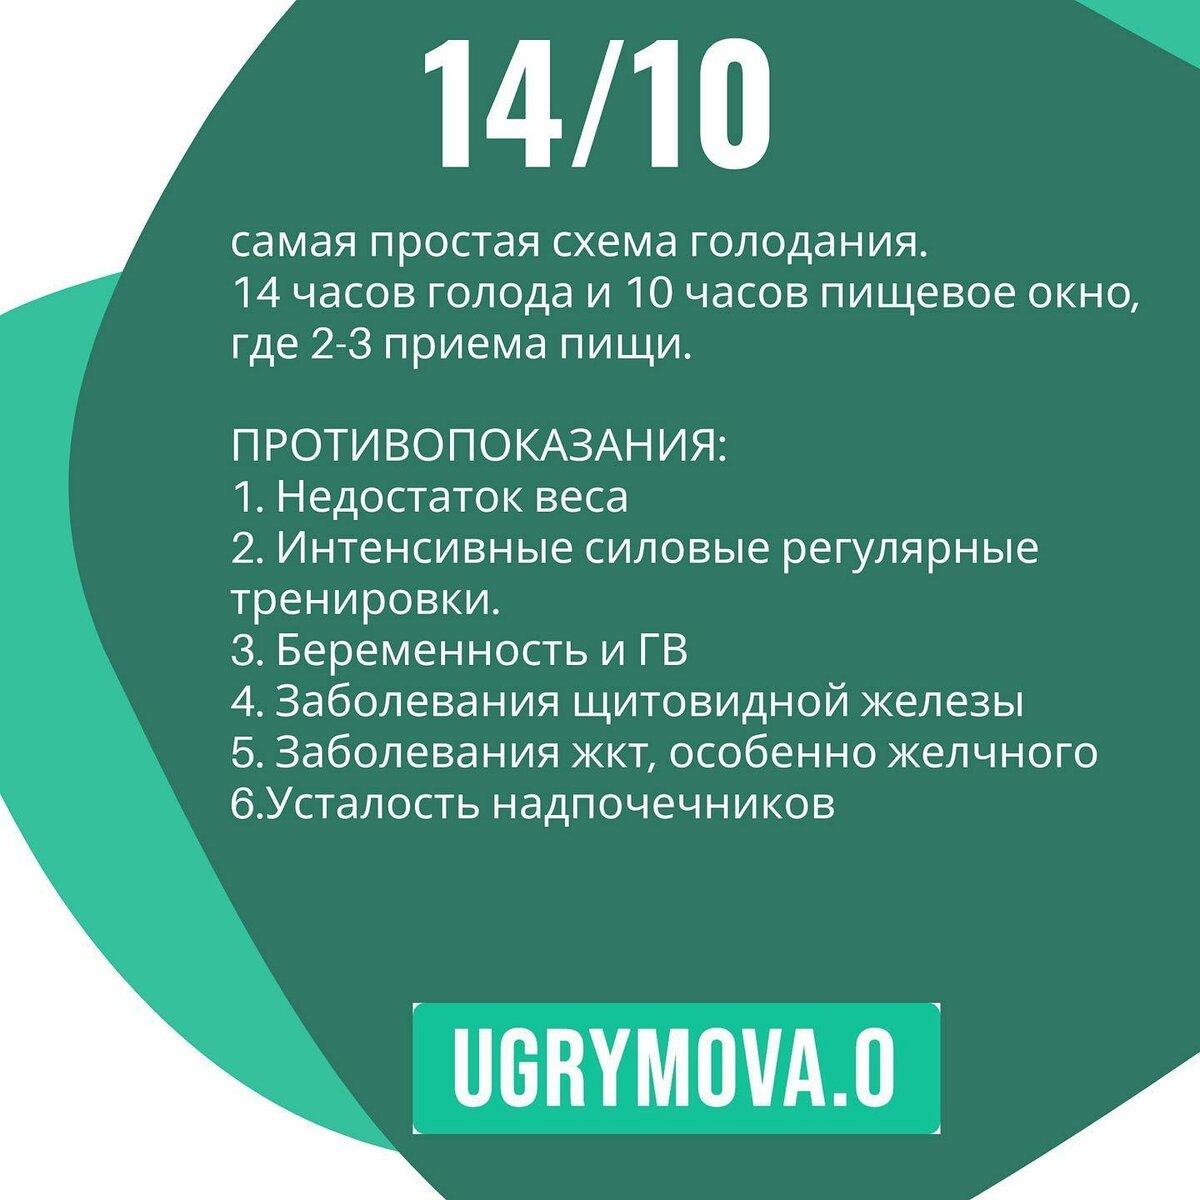 Интервальное голодание | диетолог.ру